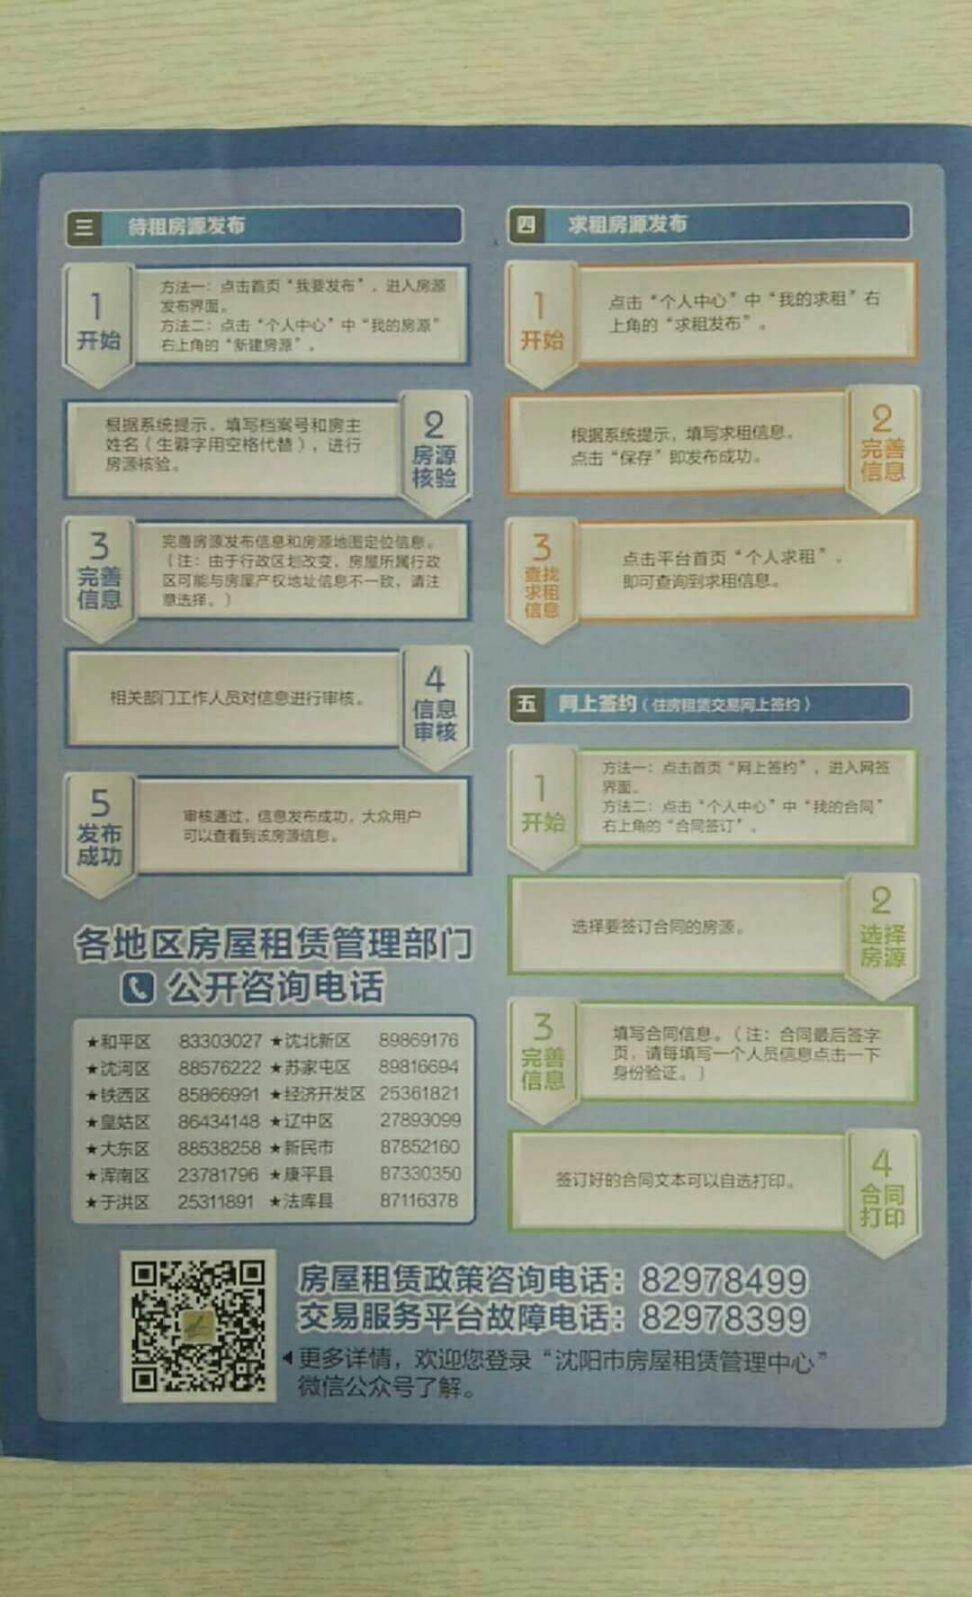 沈阳住房租赁服务平台操作指南